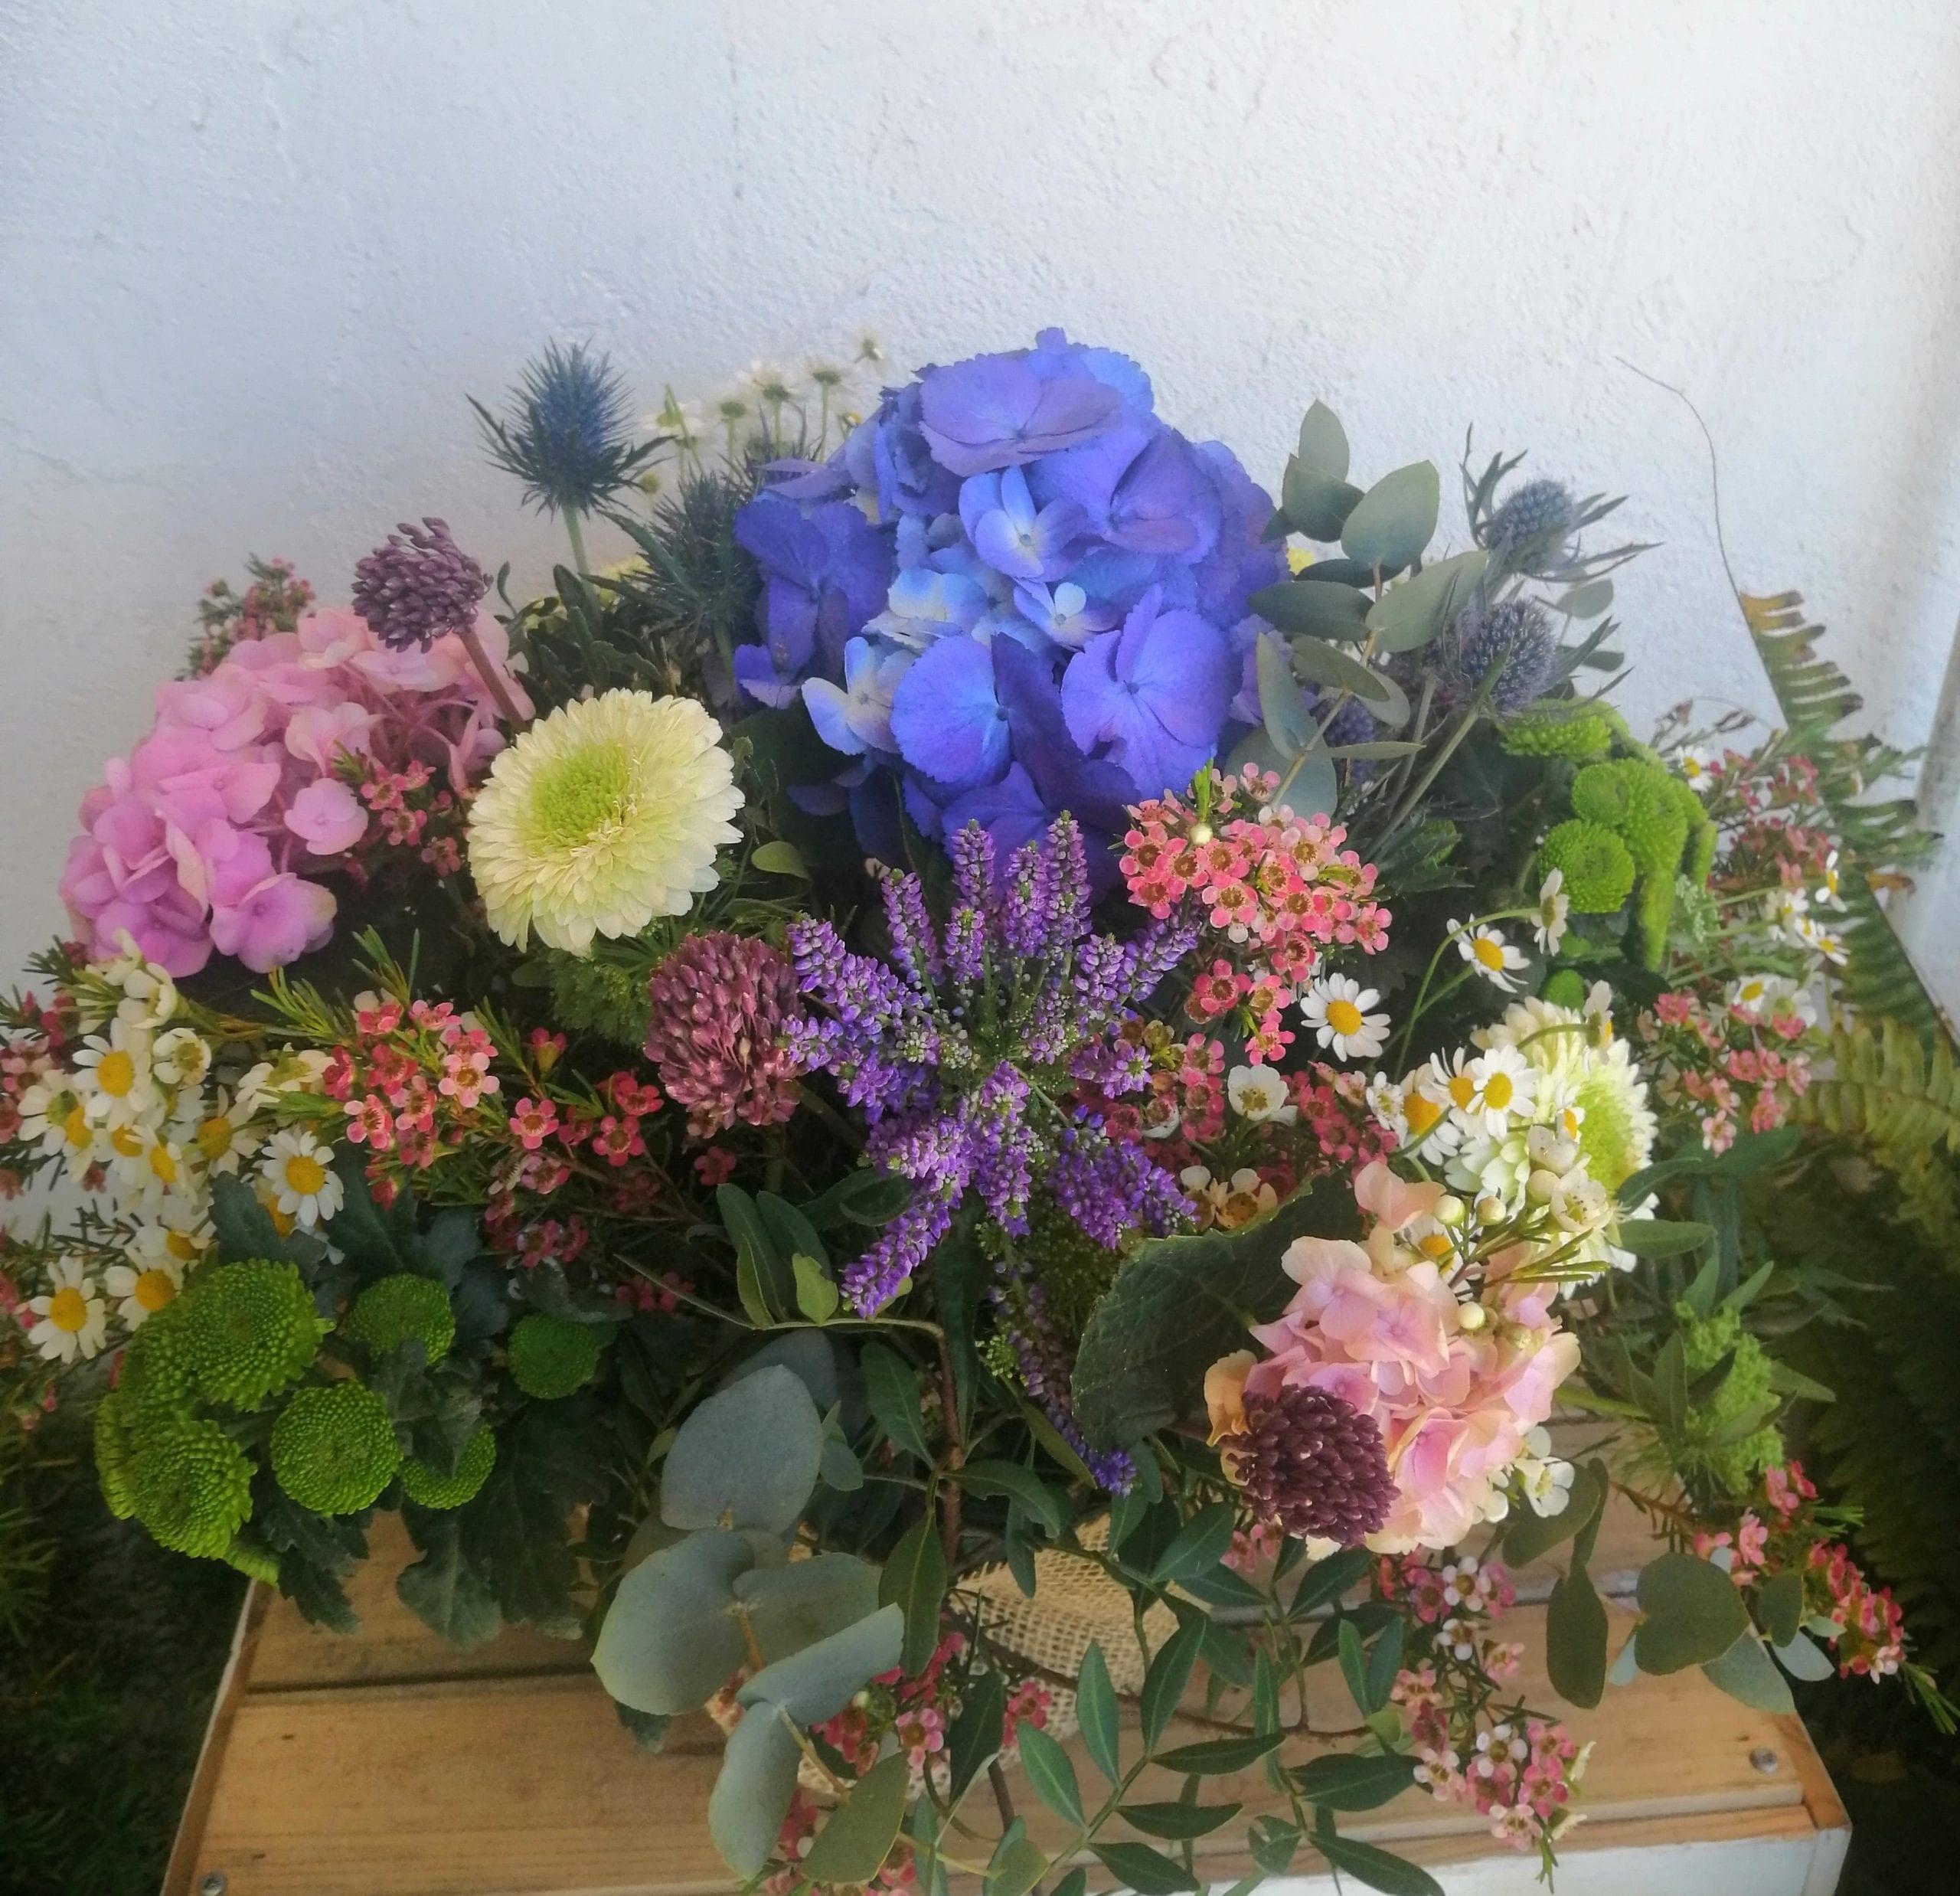 centro de flores envío a domicilio floristería Cartagena